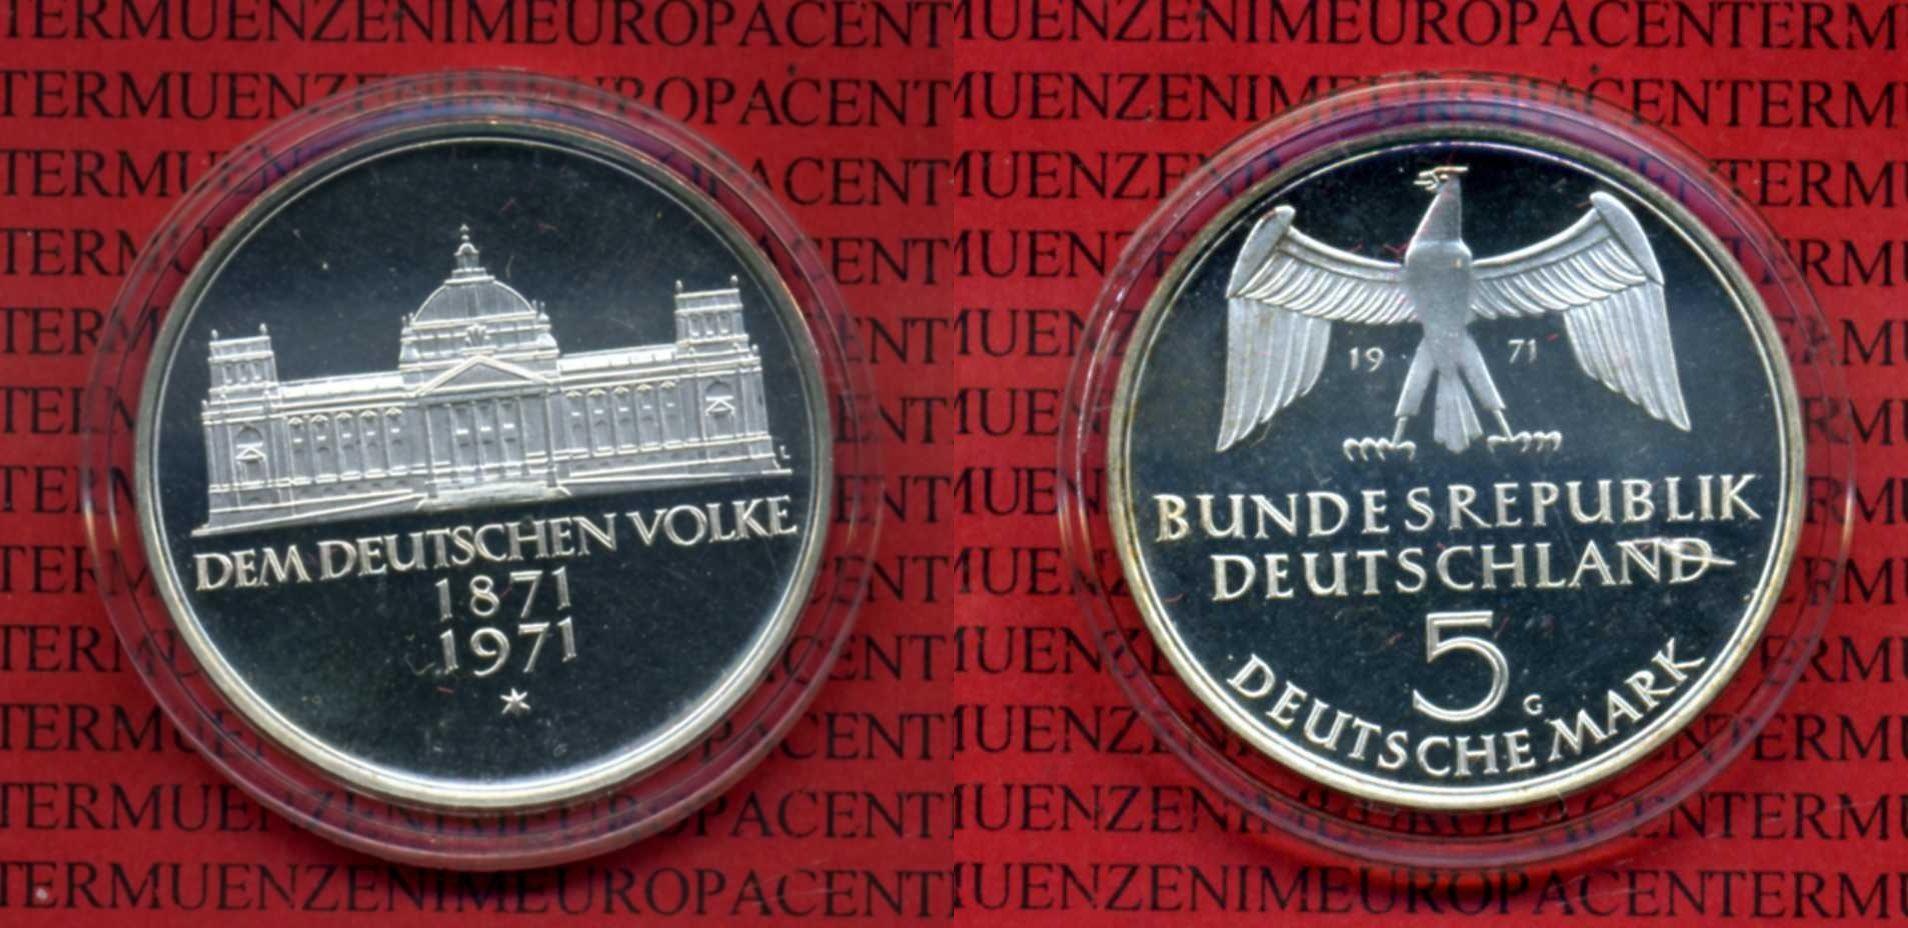 5 DM Silber Gedenkmünze 1971 Bundesrepublik Deutschland Deutschland 5 Mark BRD 1971 100 Jahre Reichsgründung Kapsel Spiegelglanz* - PP